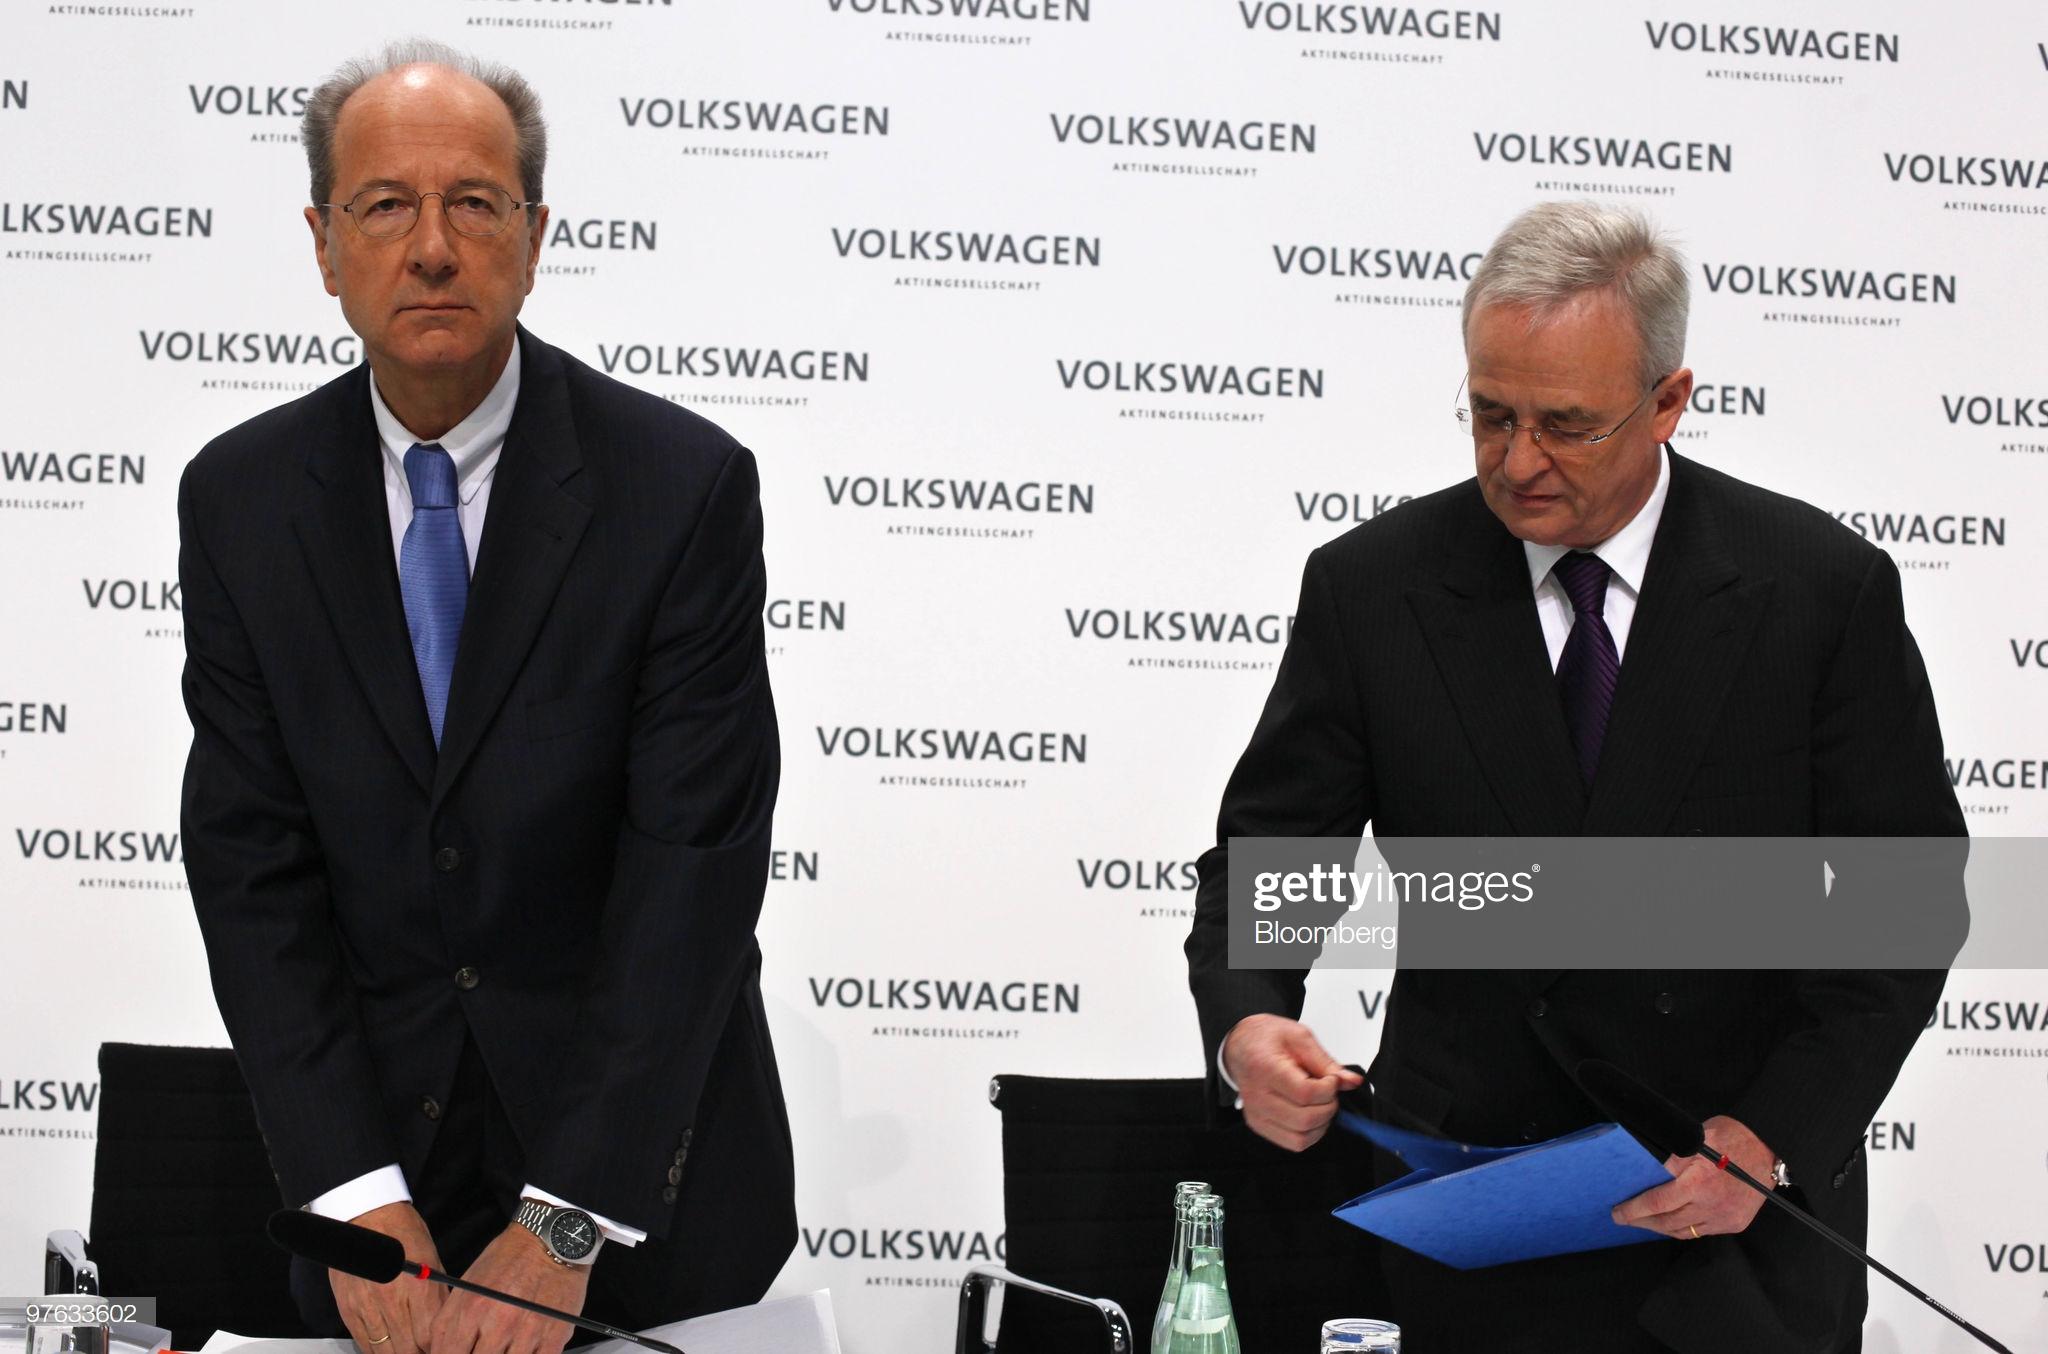 Spotted - Hans Dieter Pötsch, Chairman of Porsche SE, With Omega Speedmaster Mark II